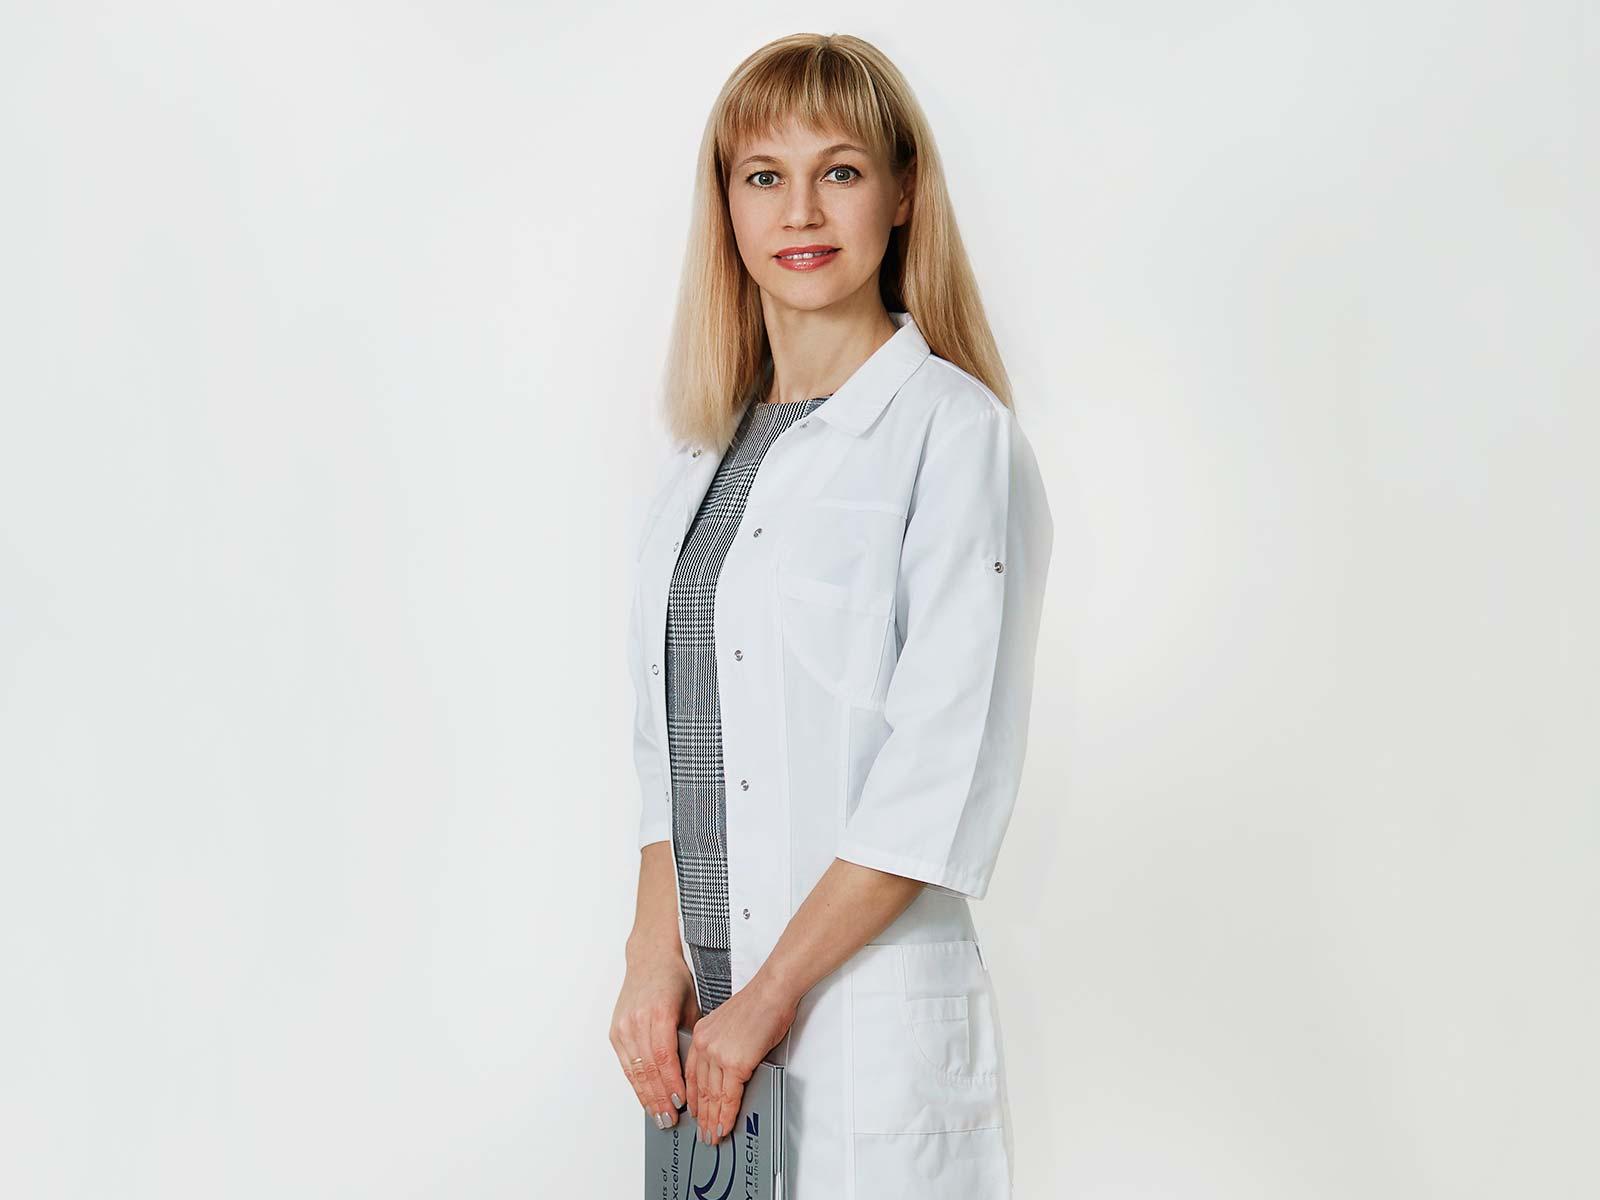 ТОП-5 вопросов пластическому хирургу: откровенно о главном